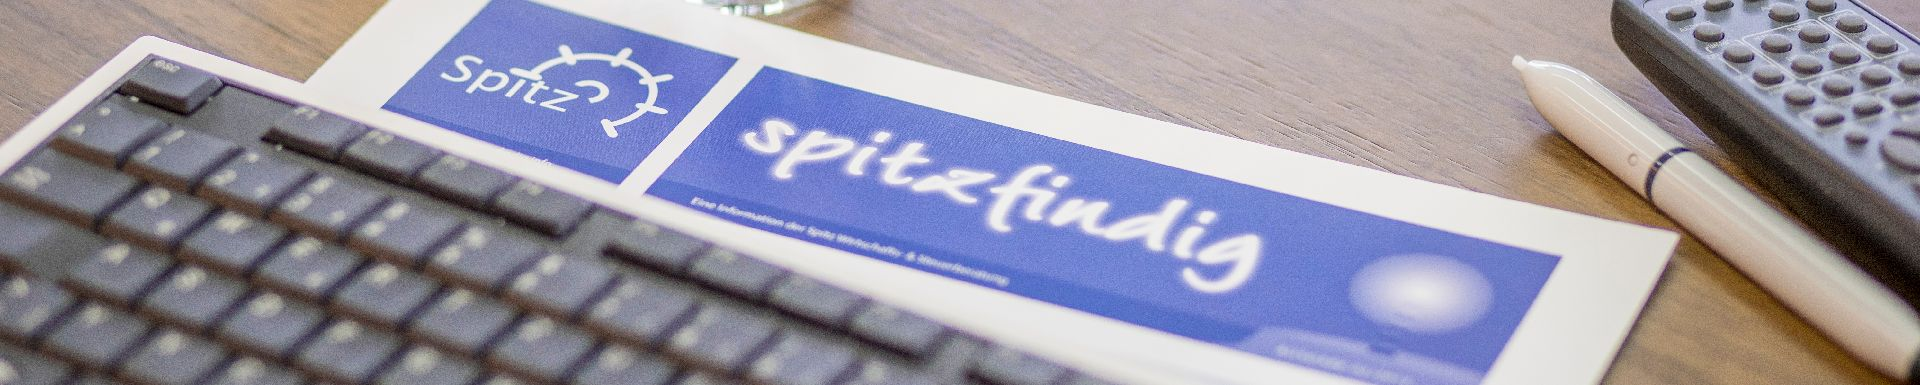 """Kundenzeitschrift """"spitzfindig"""""""